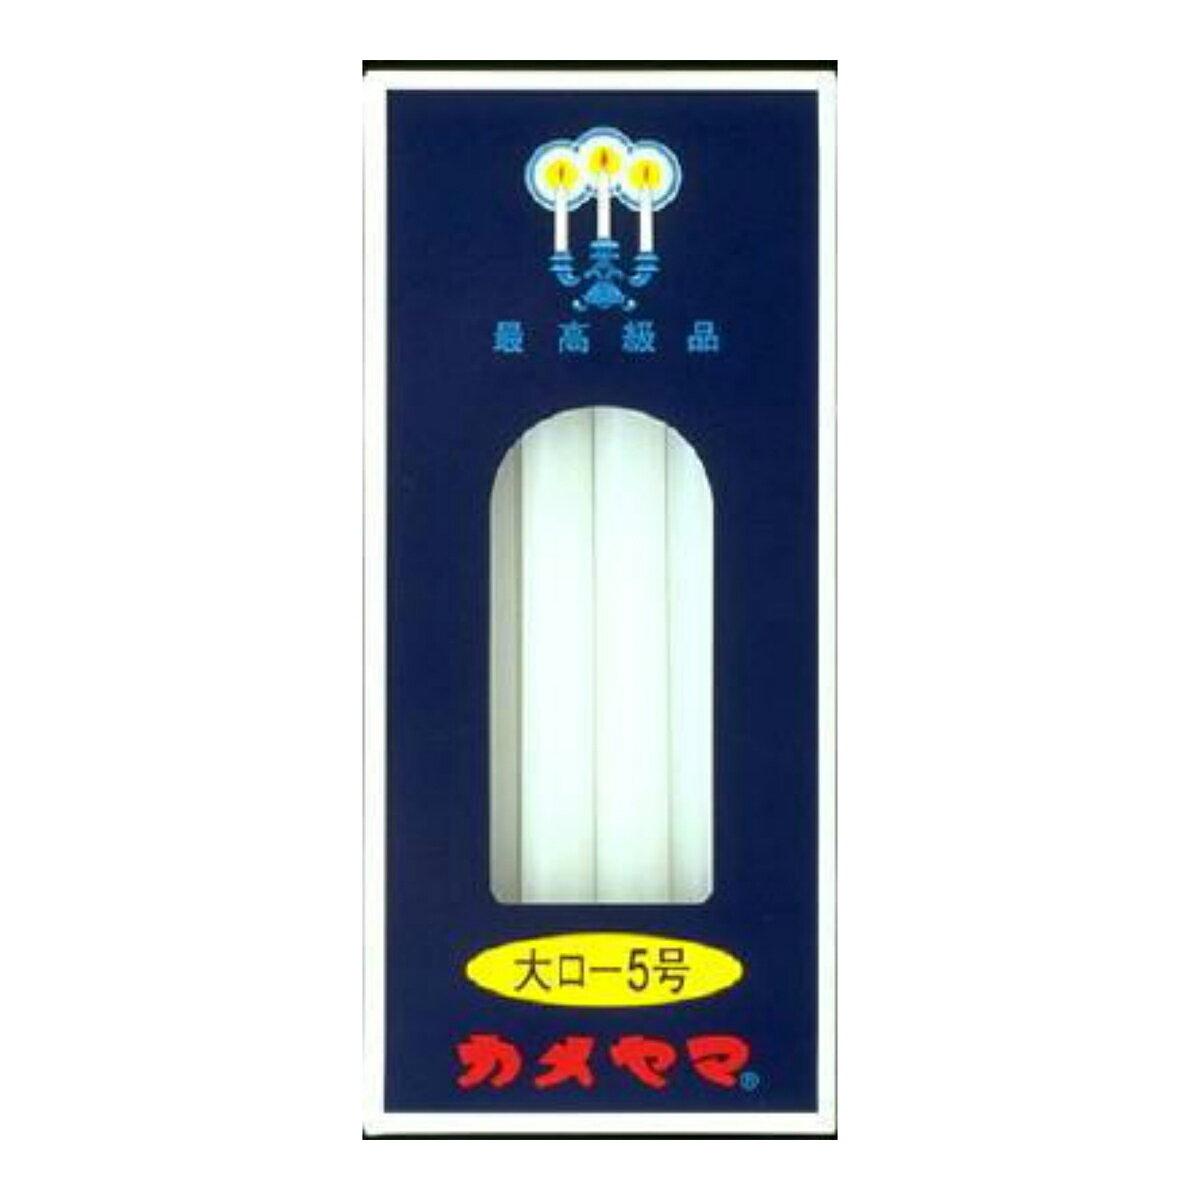 【送料無料】カメヤマ ローソク 大ロ-5号 12本入り×60点セット ( 計720本 ) まとめ買い特価!ケース販売 平均燃焼時間:約3時間 ( 神仏用ろうそく ) ( 4901435007908 )